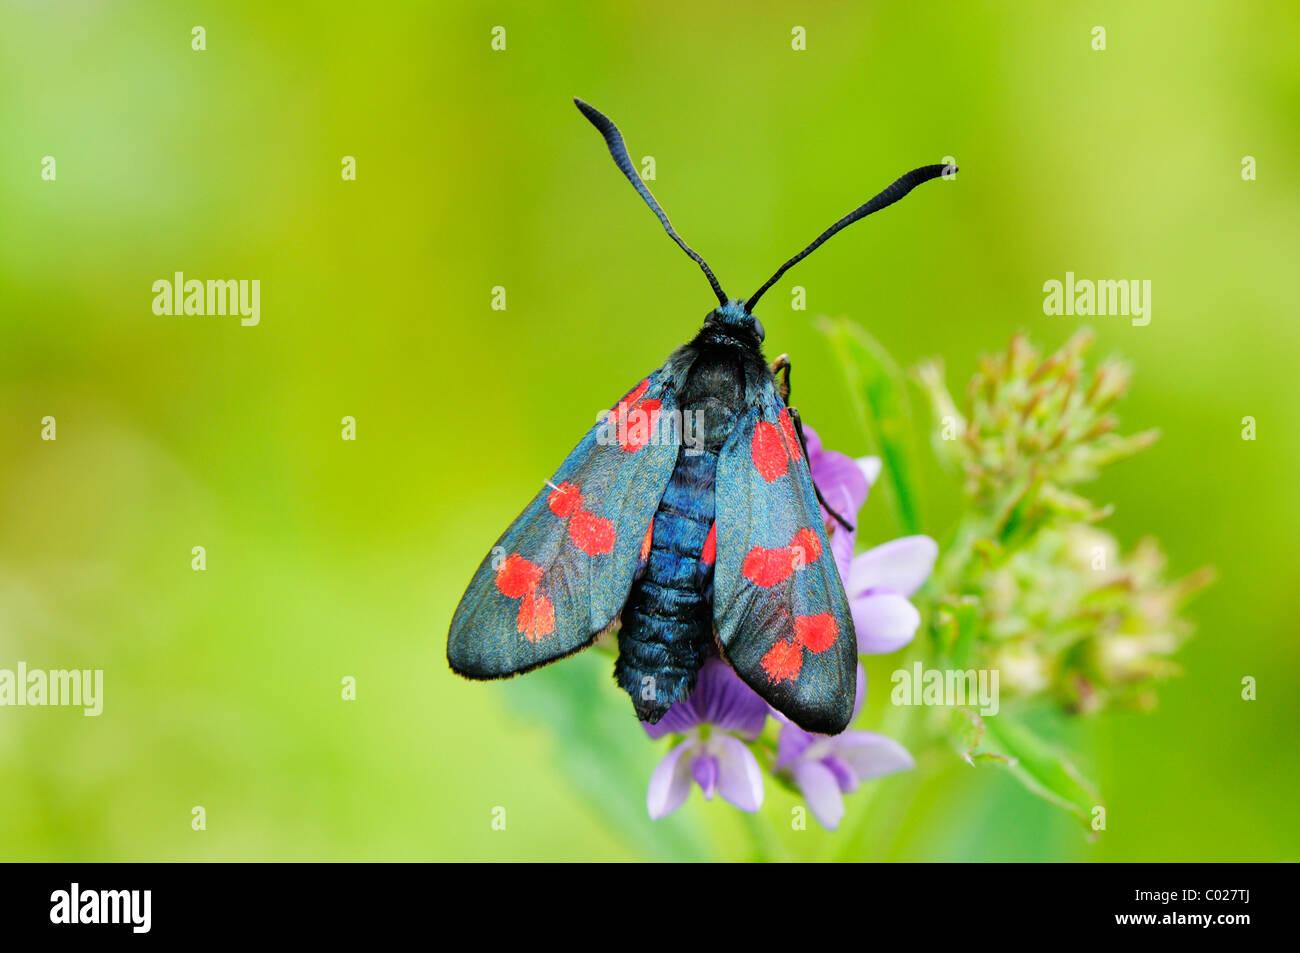 Zygaena purpuralis Burnett (transparent), assis sur une fleur Photo Stock